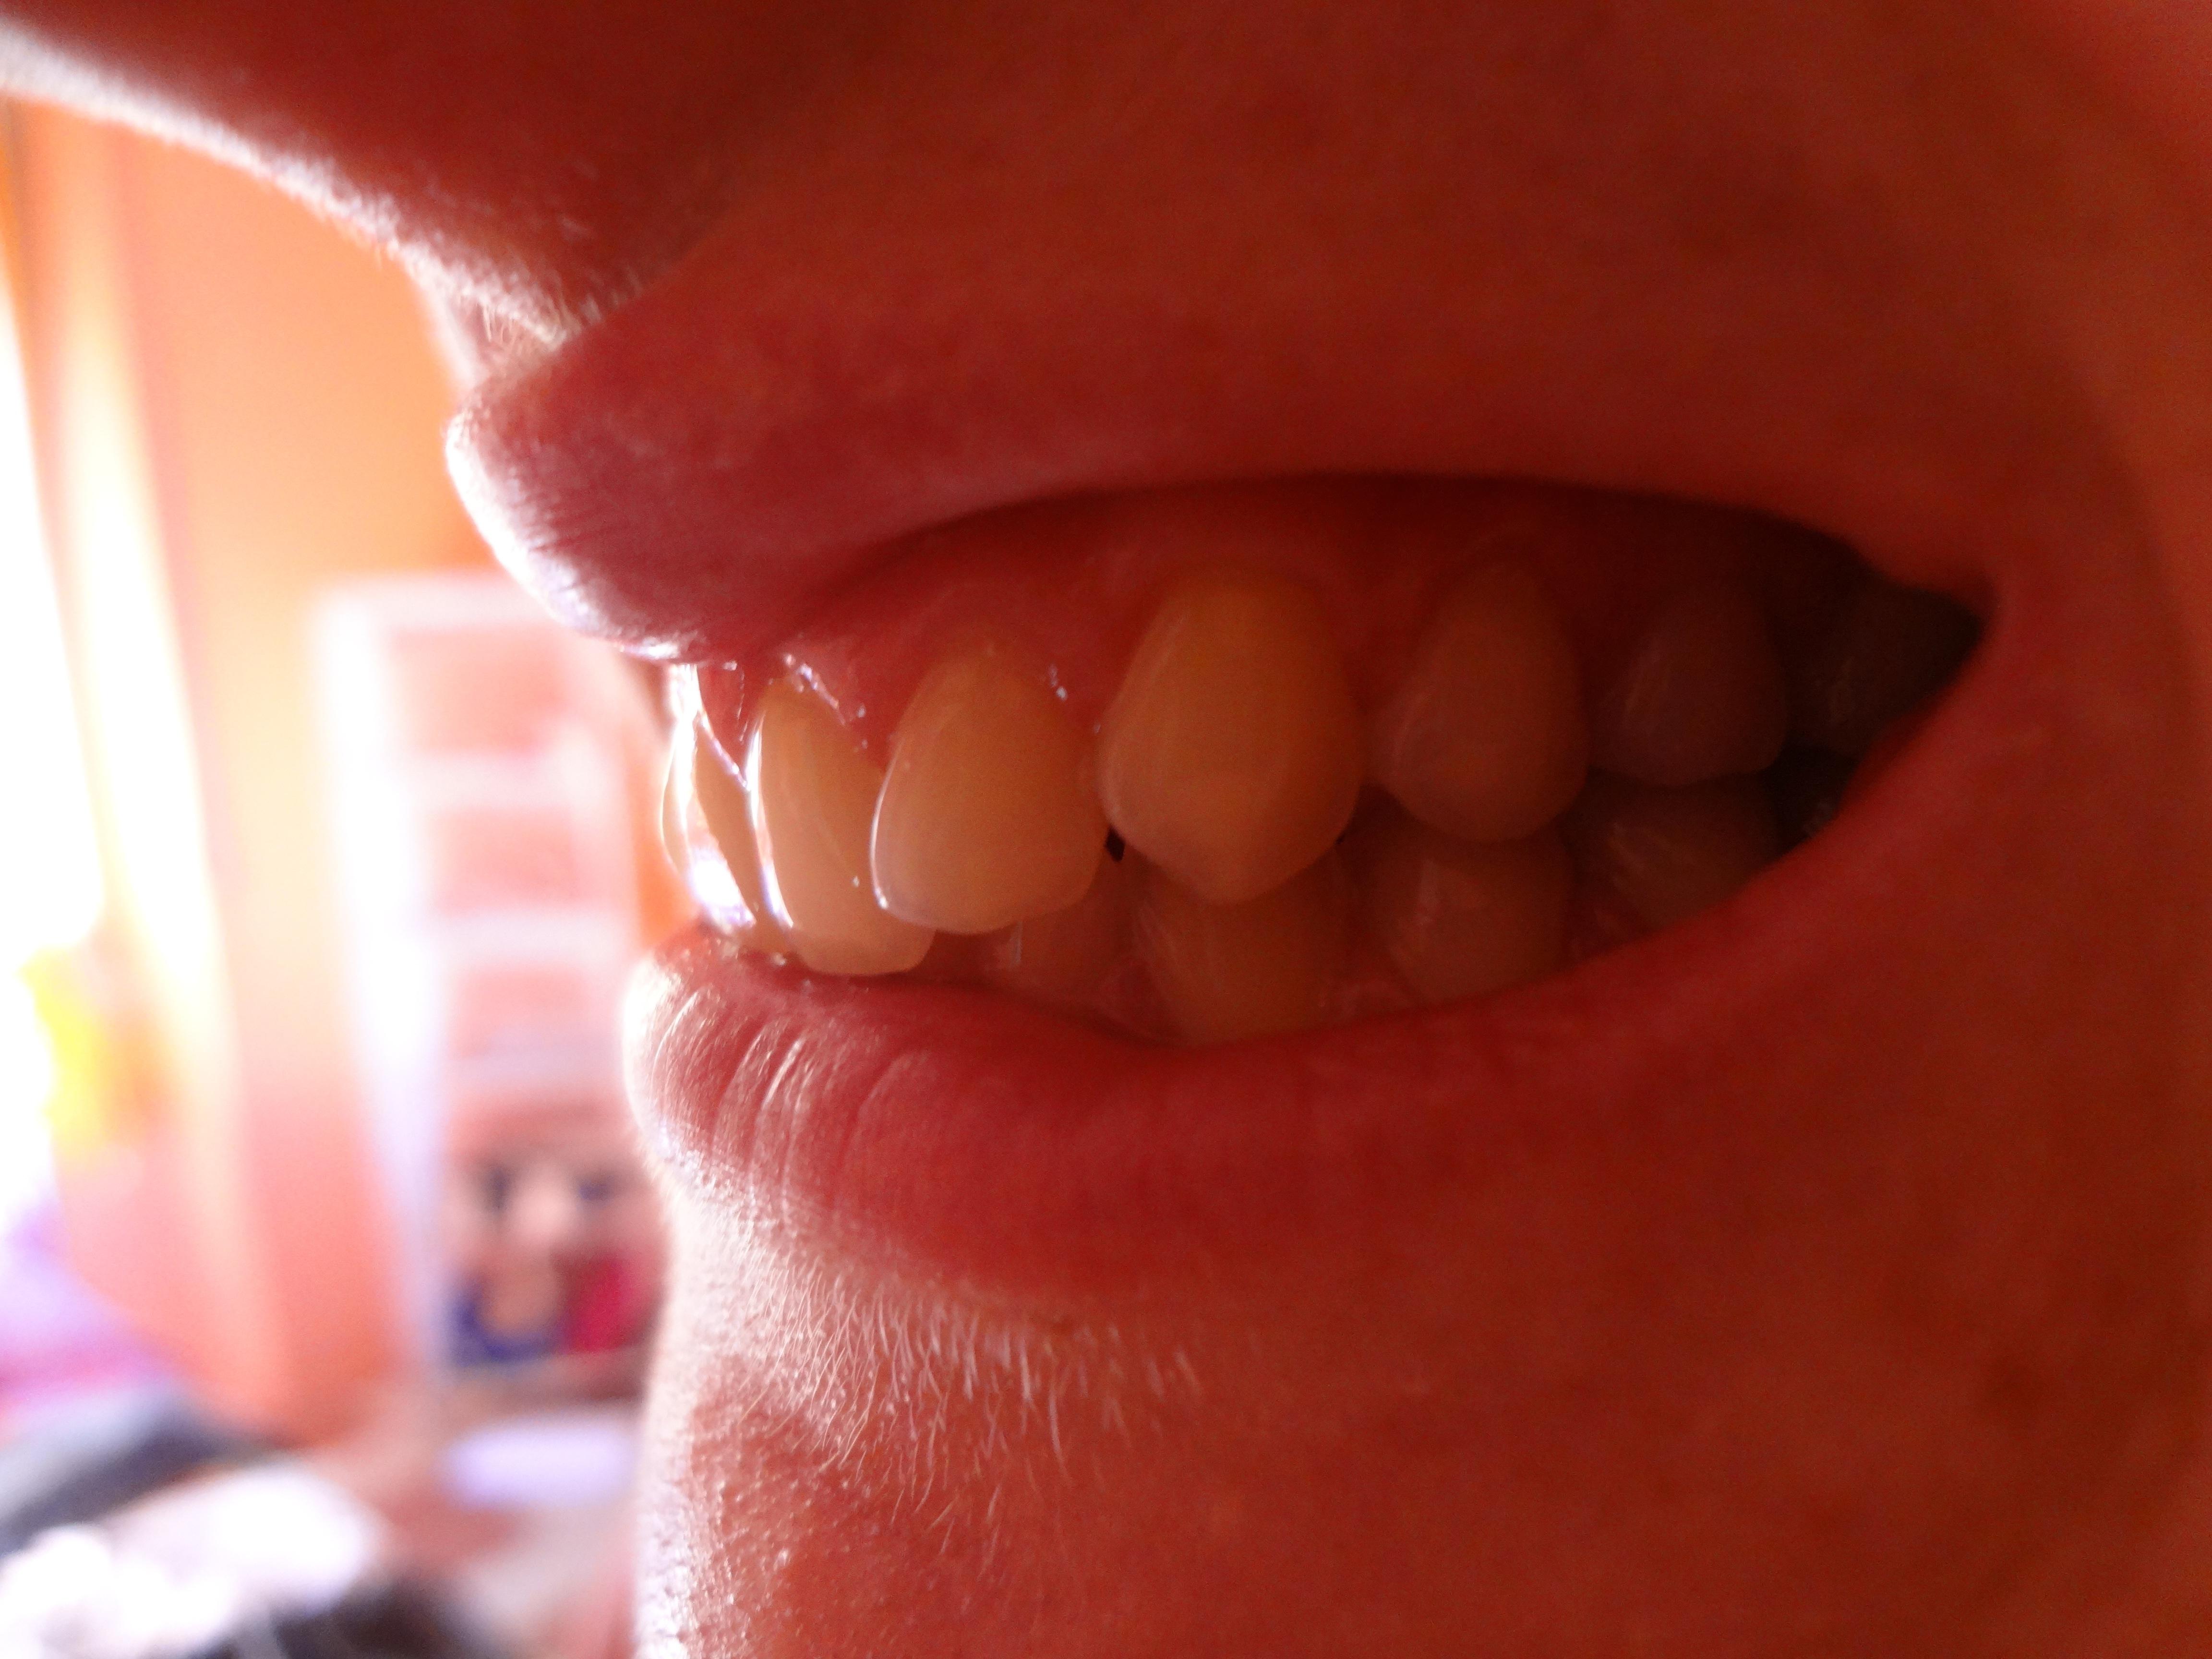 Denti fortemente affollati e morso profondo